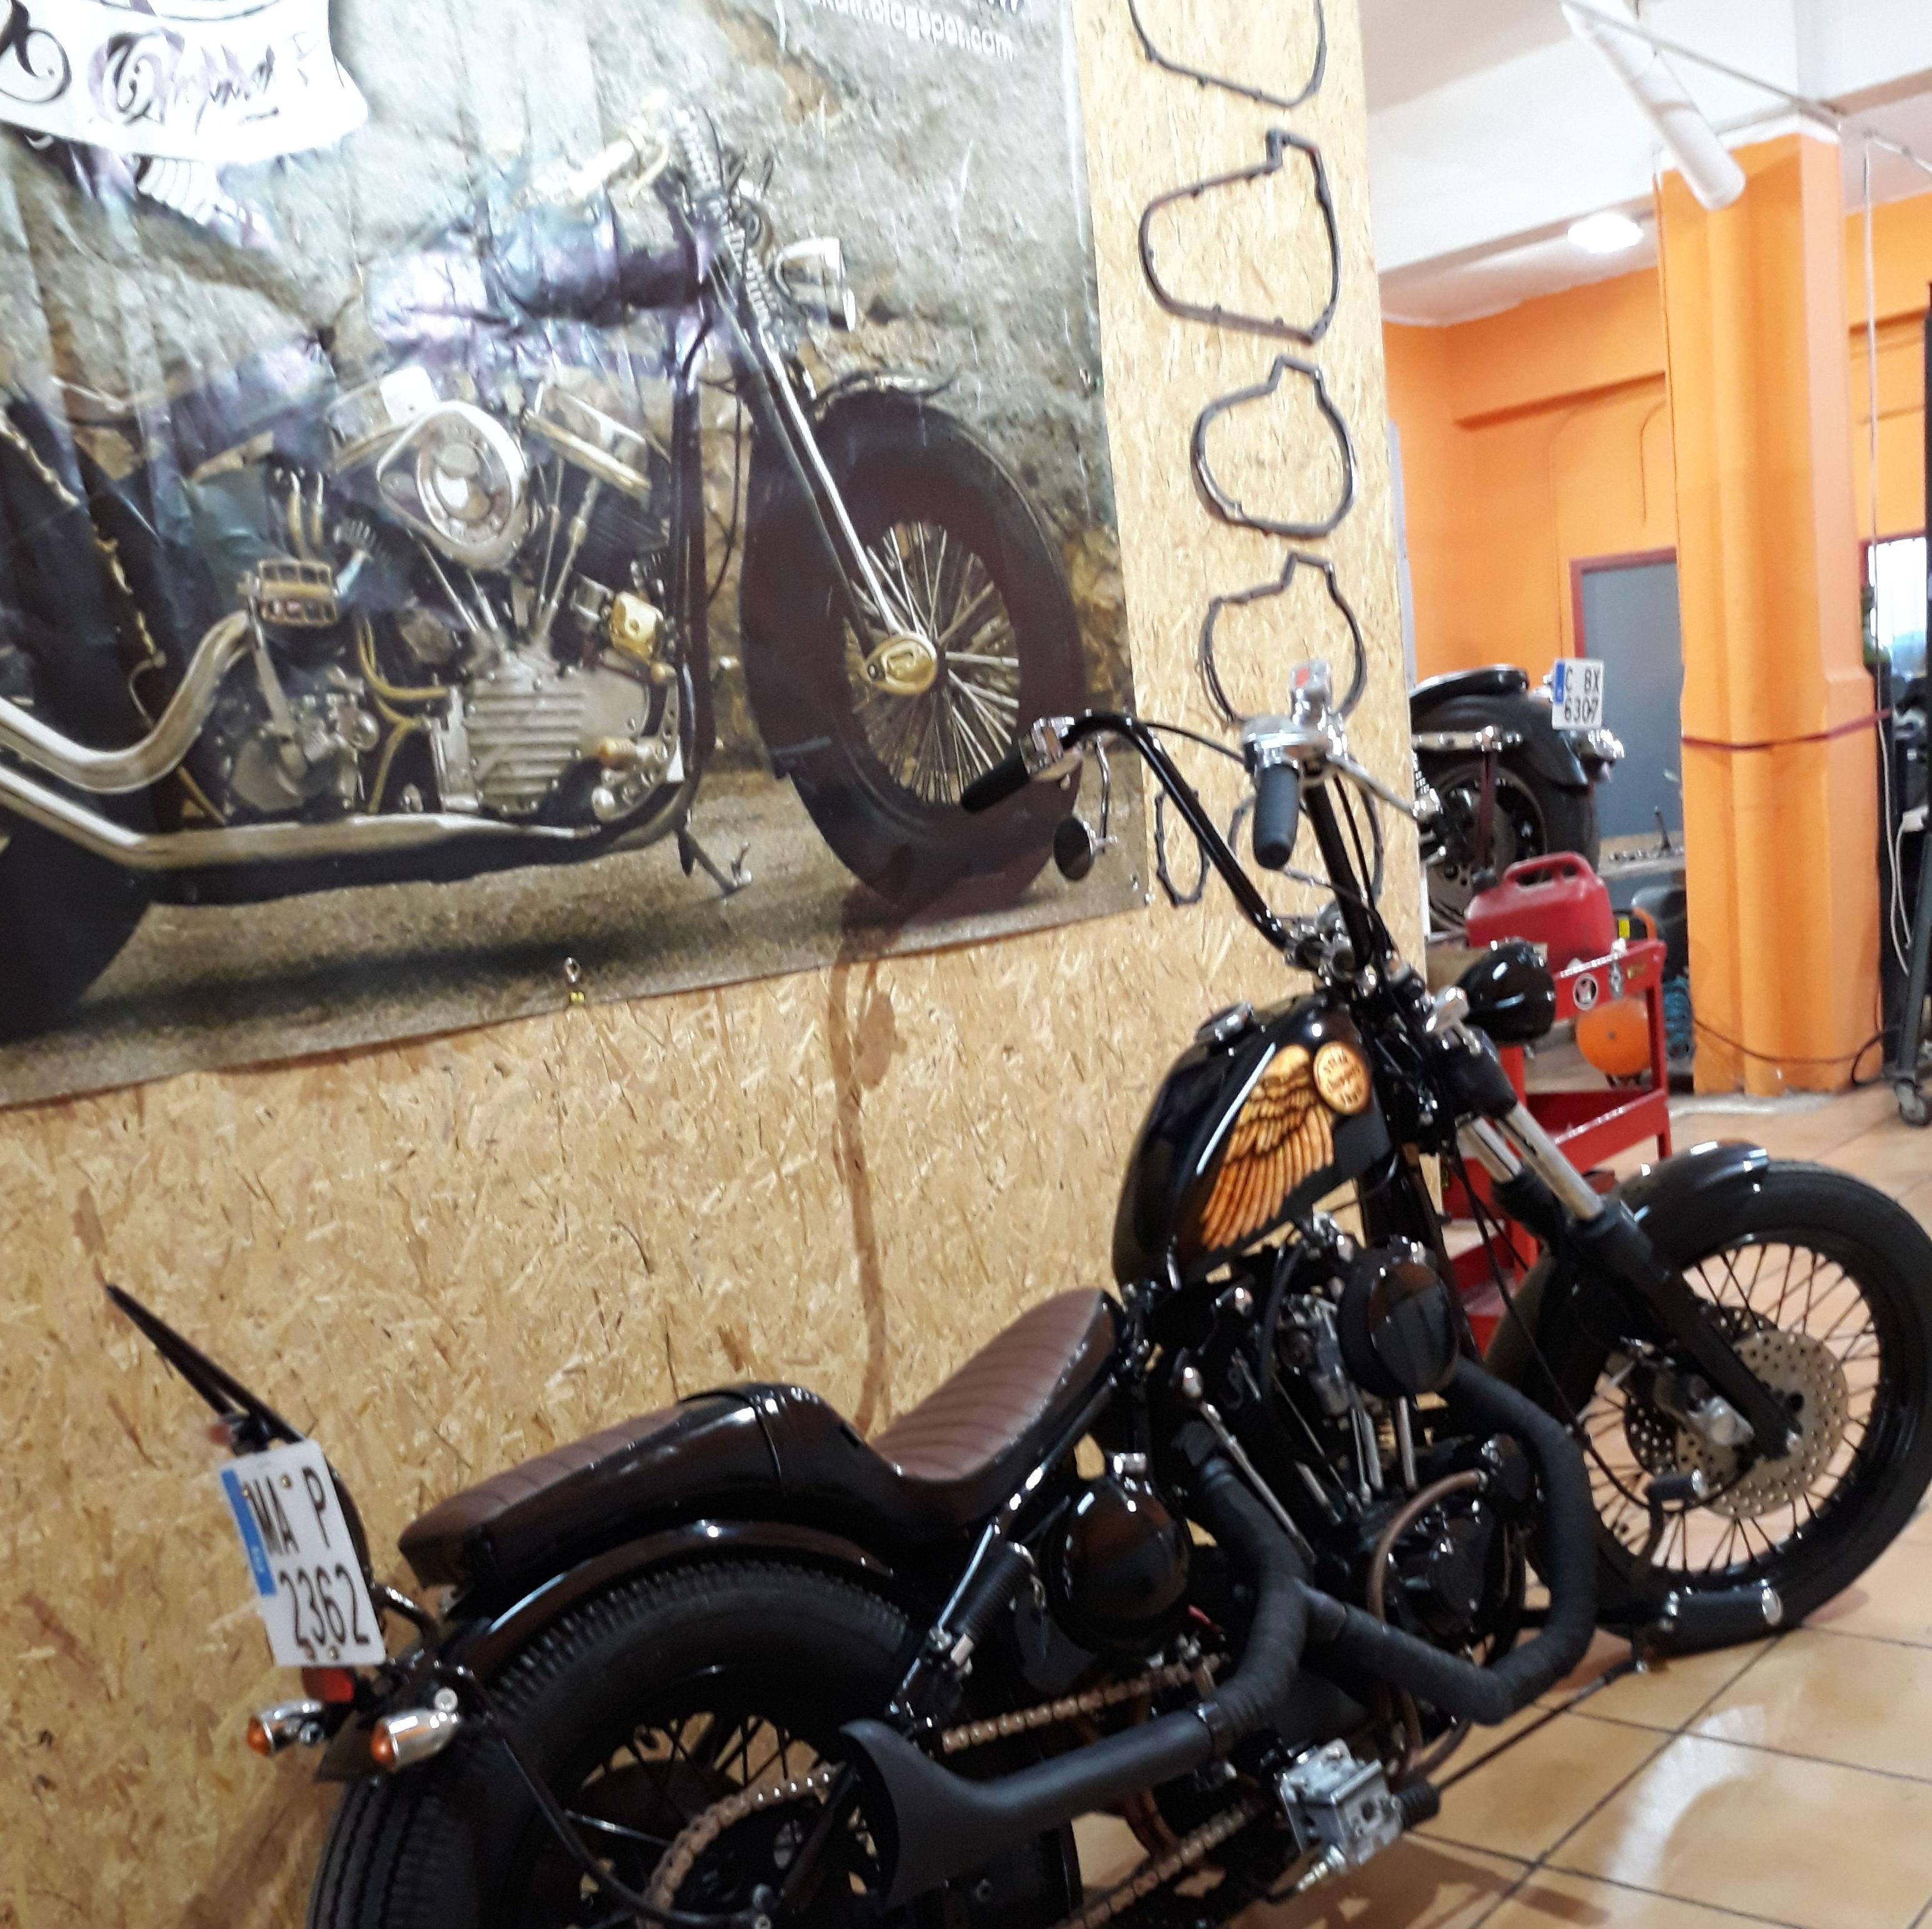 Harleydavidson, custom, personalización motos en Valencia,personalización harleys davidson